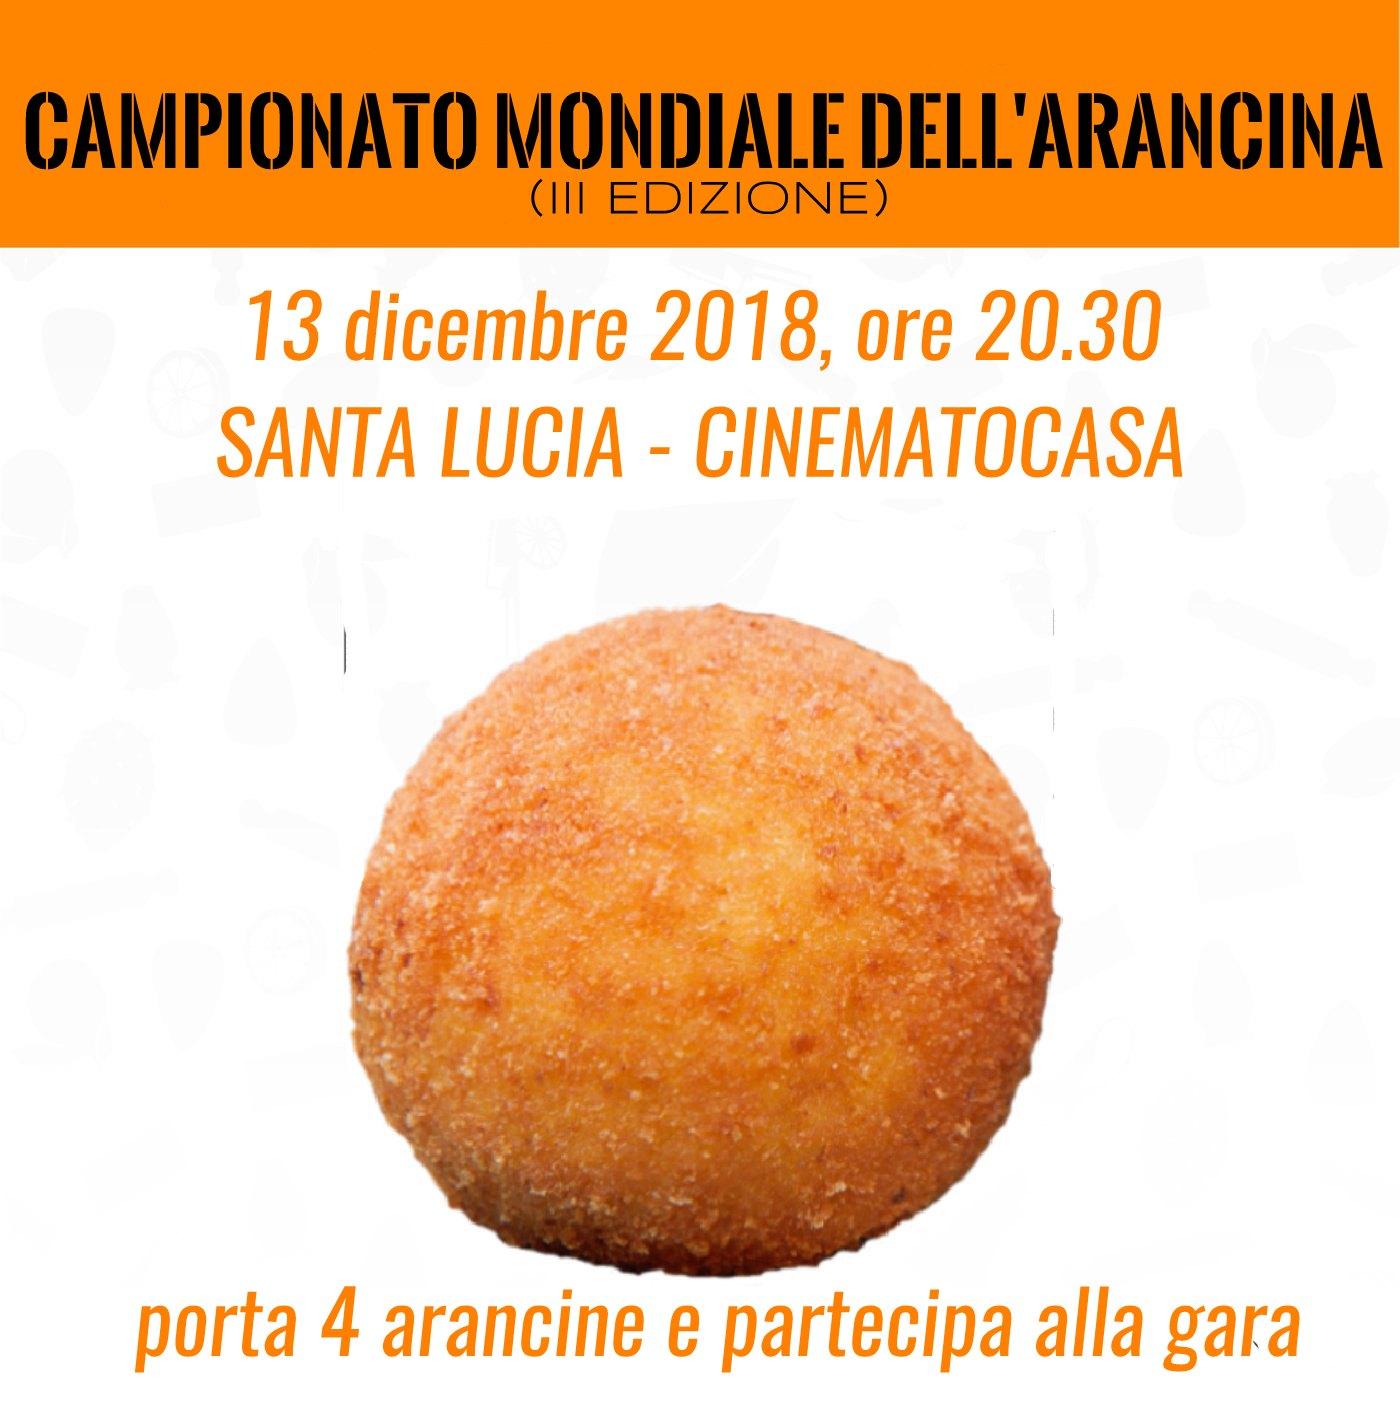 CAMPIONATO MONDIALE DELL'ARANCINA (TERZA EDIZIONE)